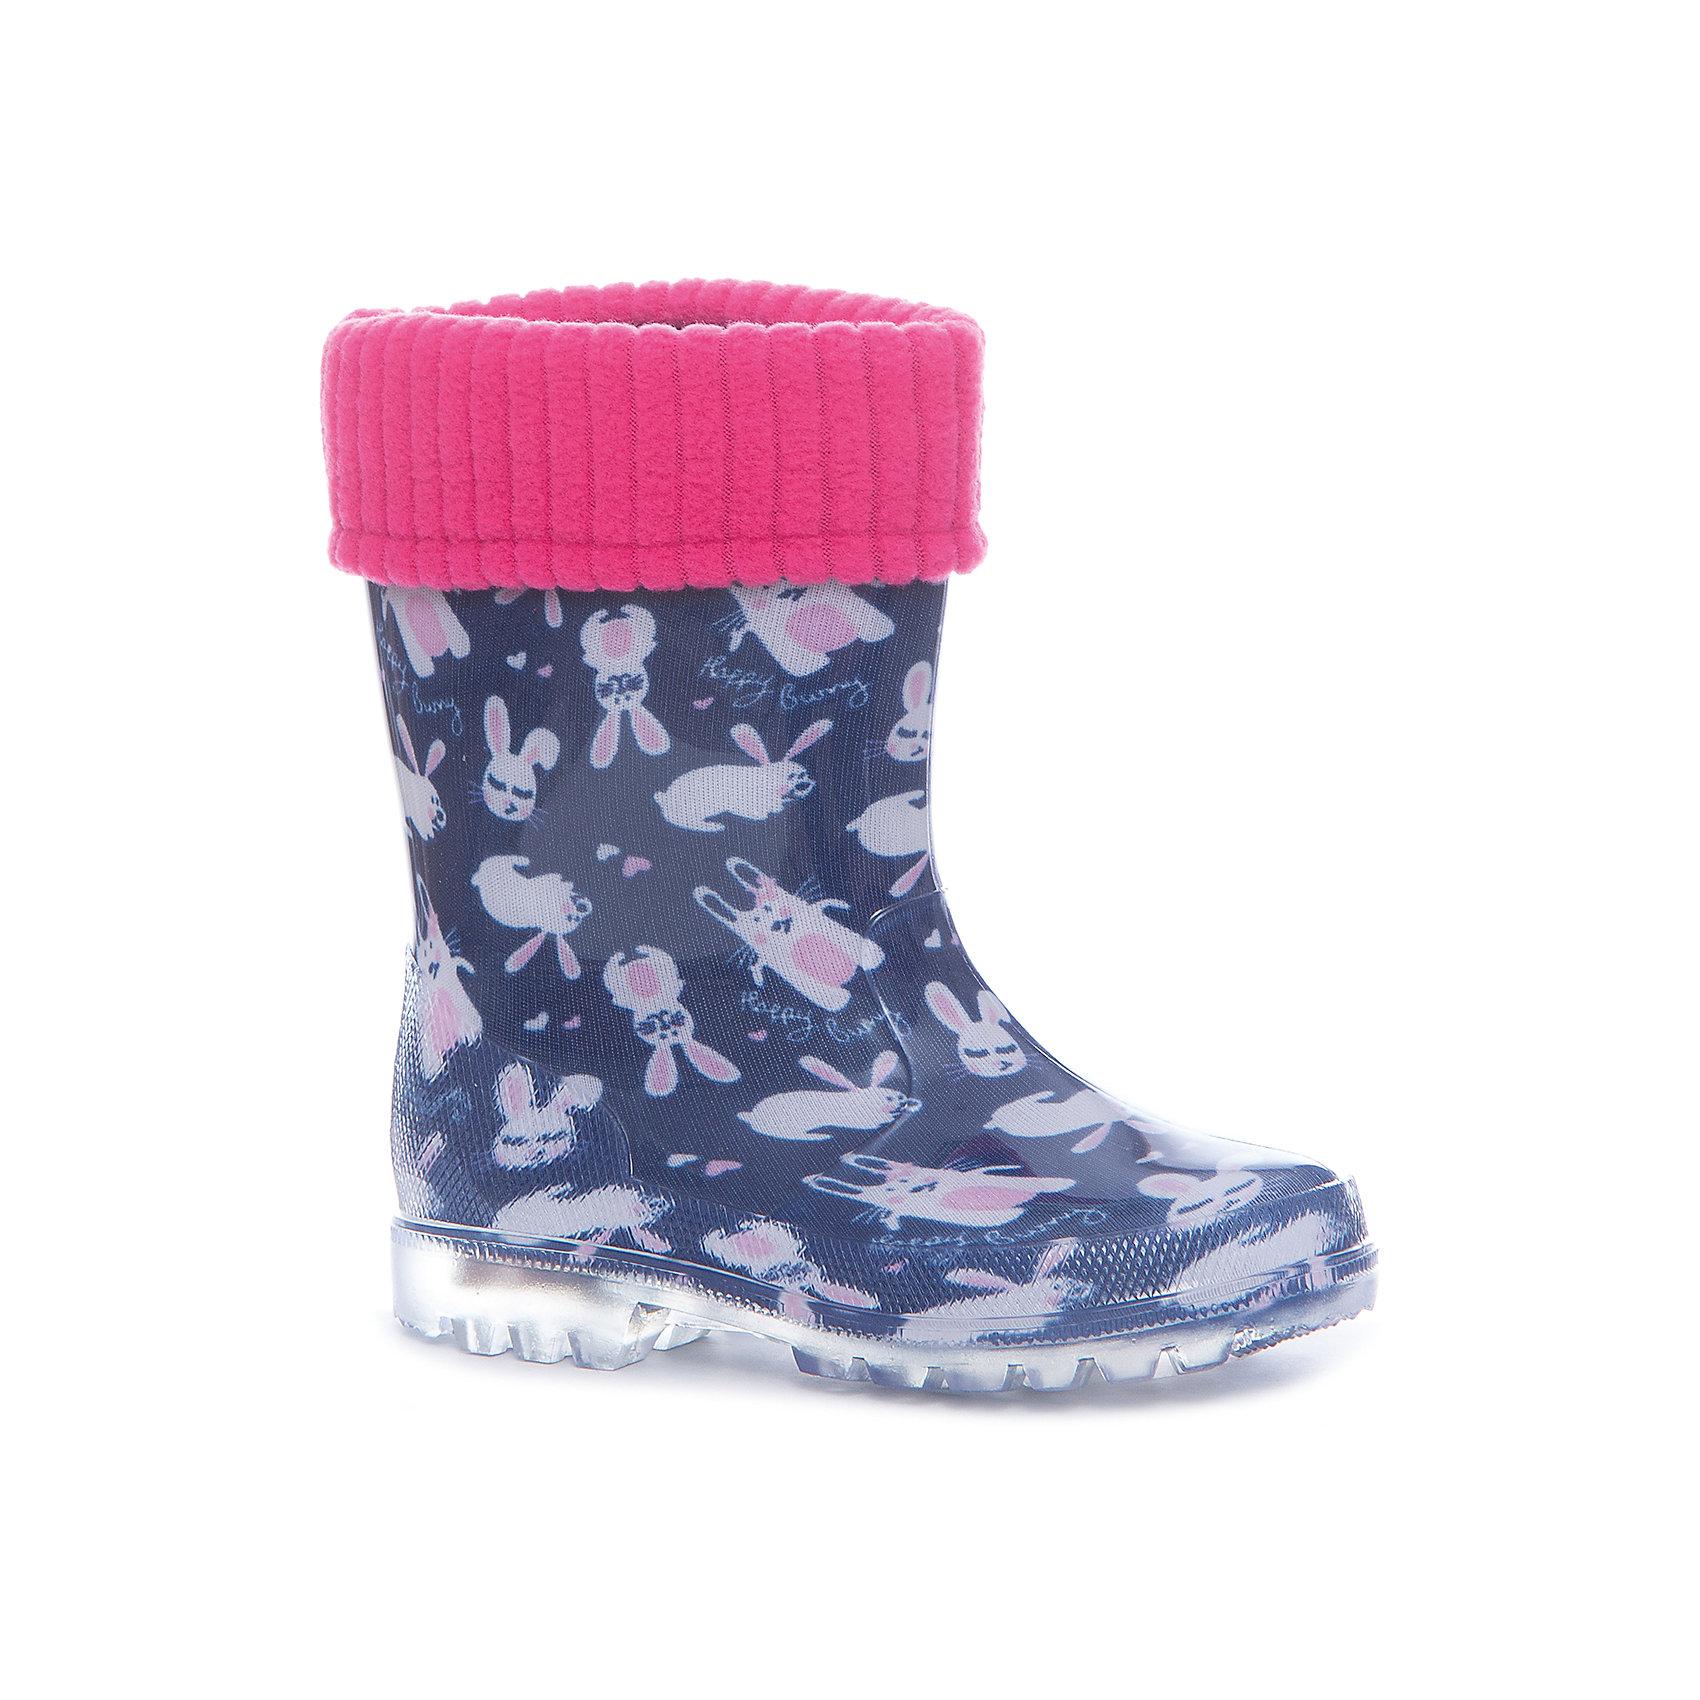 Резиновые сапоги  для девочки KAPIKAРезиновые сапоги<br>Характеристики товара:<br><br>• цвет: тёмно-синий<br>• внешний материал: ПВХ<br>• внутренний материал: утеплённый текстиль<br>• стелька: утеплённый текстиль<br>• подошва: ПВХ<br>• температурный режим: от +5°до +20°С<br>• резиновые сапоги со светодиодами в подошве<br>• съёмный внутренний сапожок<br>• сапоги можно носить как с вложенным сапожком, так и без него<br>• небольшой каблук<br>• не скользят<br>• рельефная подошва<br>• устойчивая подошва<br>• страна бренда: Российская Федерация<br>• страна изготовитель: Китай<br><br>Когда на улице сыро, резиновые сапоги - необходимый атрибут для ребенка. Эта модель отличается удобной формой, вынимающейся подкладкой и устойчивой нескользящей подошвой - так ноги точно останутся в сухости и тепле.<br><br>Резиновые сапоги от российского бренда Kapika (Капика) можно купить в нашем интернет-магазине.<br><br>Ширина мм: 237<br>Глубина мм: 180<br>Высота мм: 152<br>Вес г: 438<br>Цвет: синий<br>Возраст от месяцев: 72<br>Возраст до месяцев: 84<br>Пол: Женский<br>Возраст: Детский<br>Размер: 30,25,26,27,28,29<br>SKU: 5324303